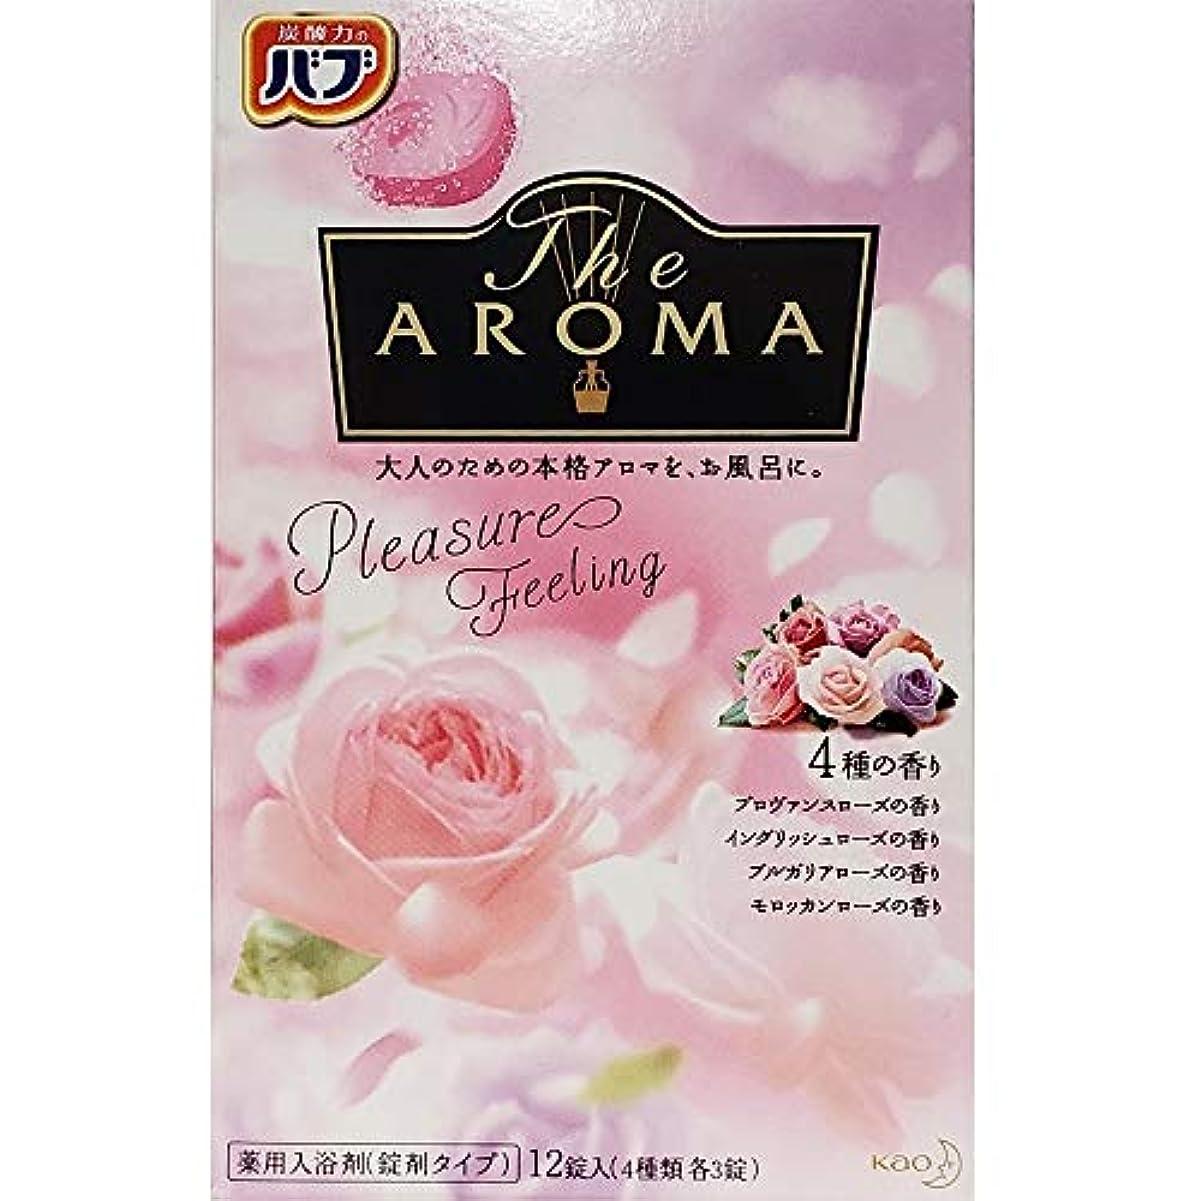 課す人気真面目なバブ The Aroma Pleasure Feeling 40g×12錠(4種類 各3錠) 医薬部外品